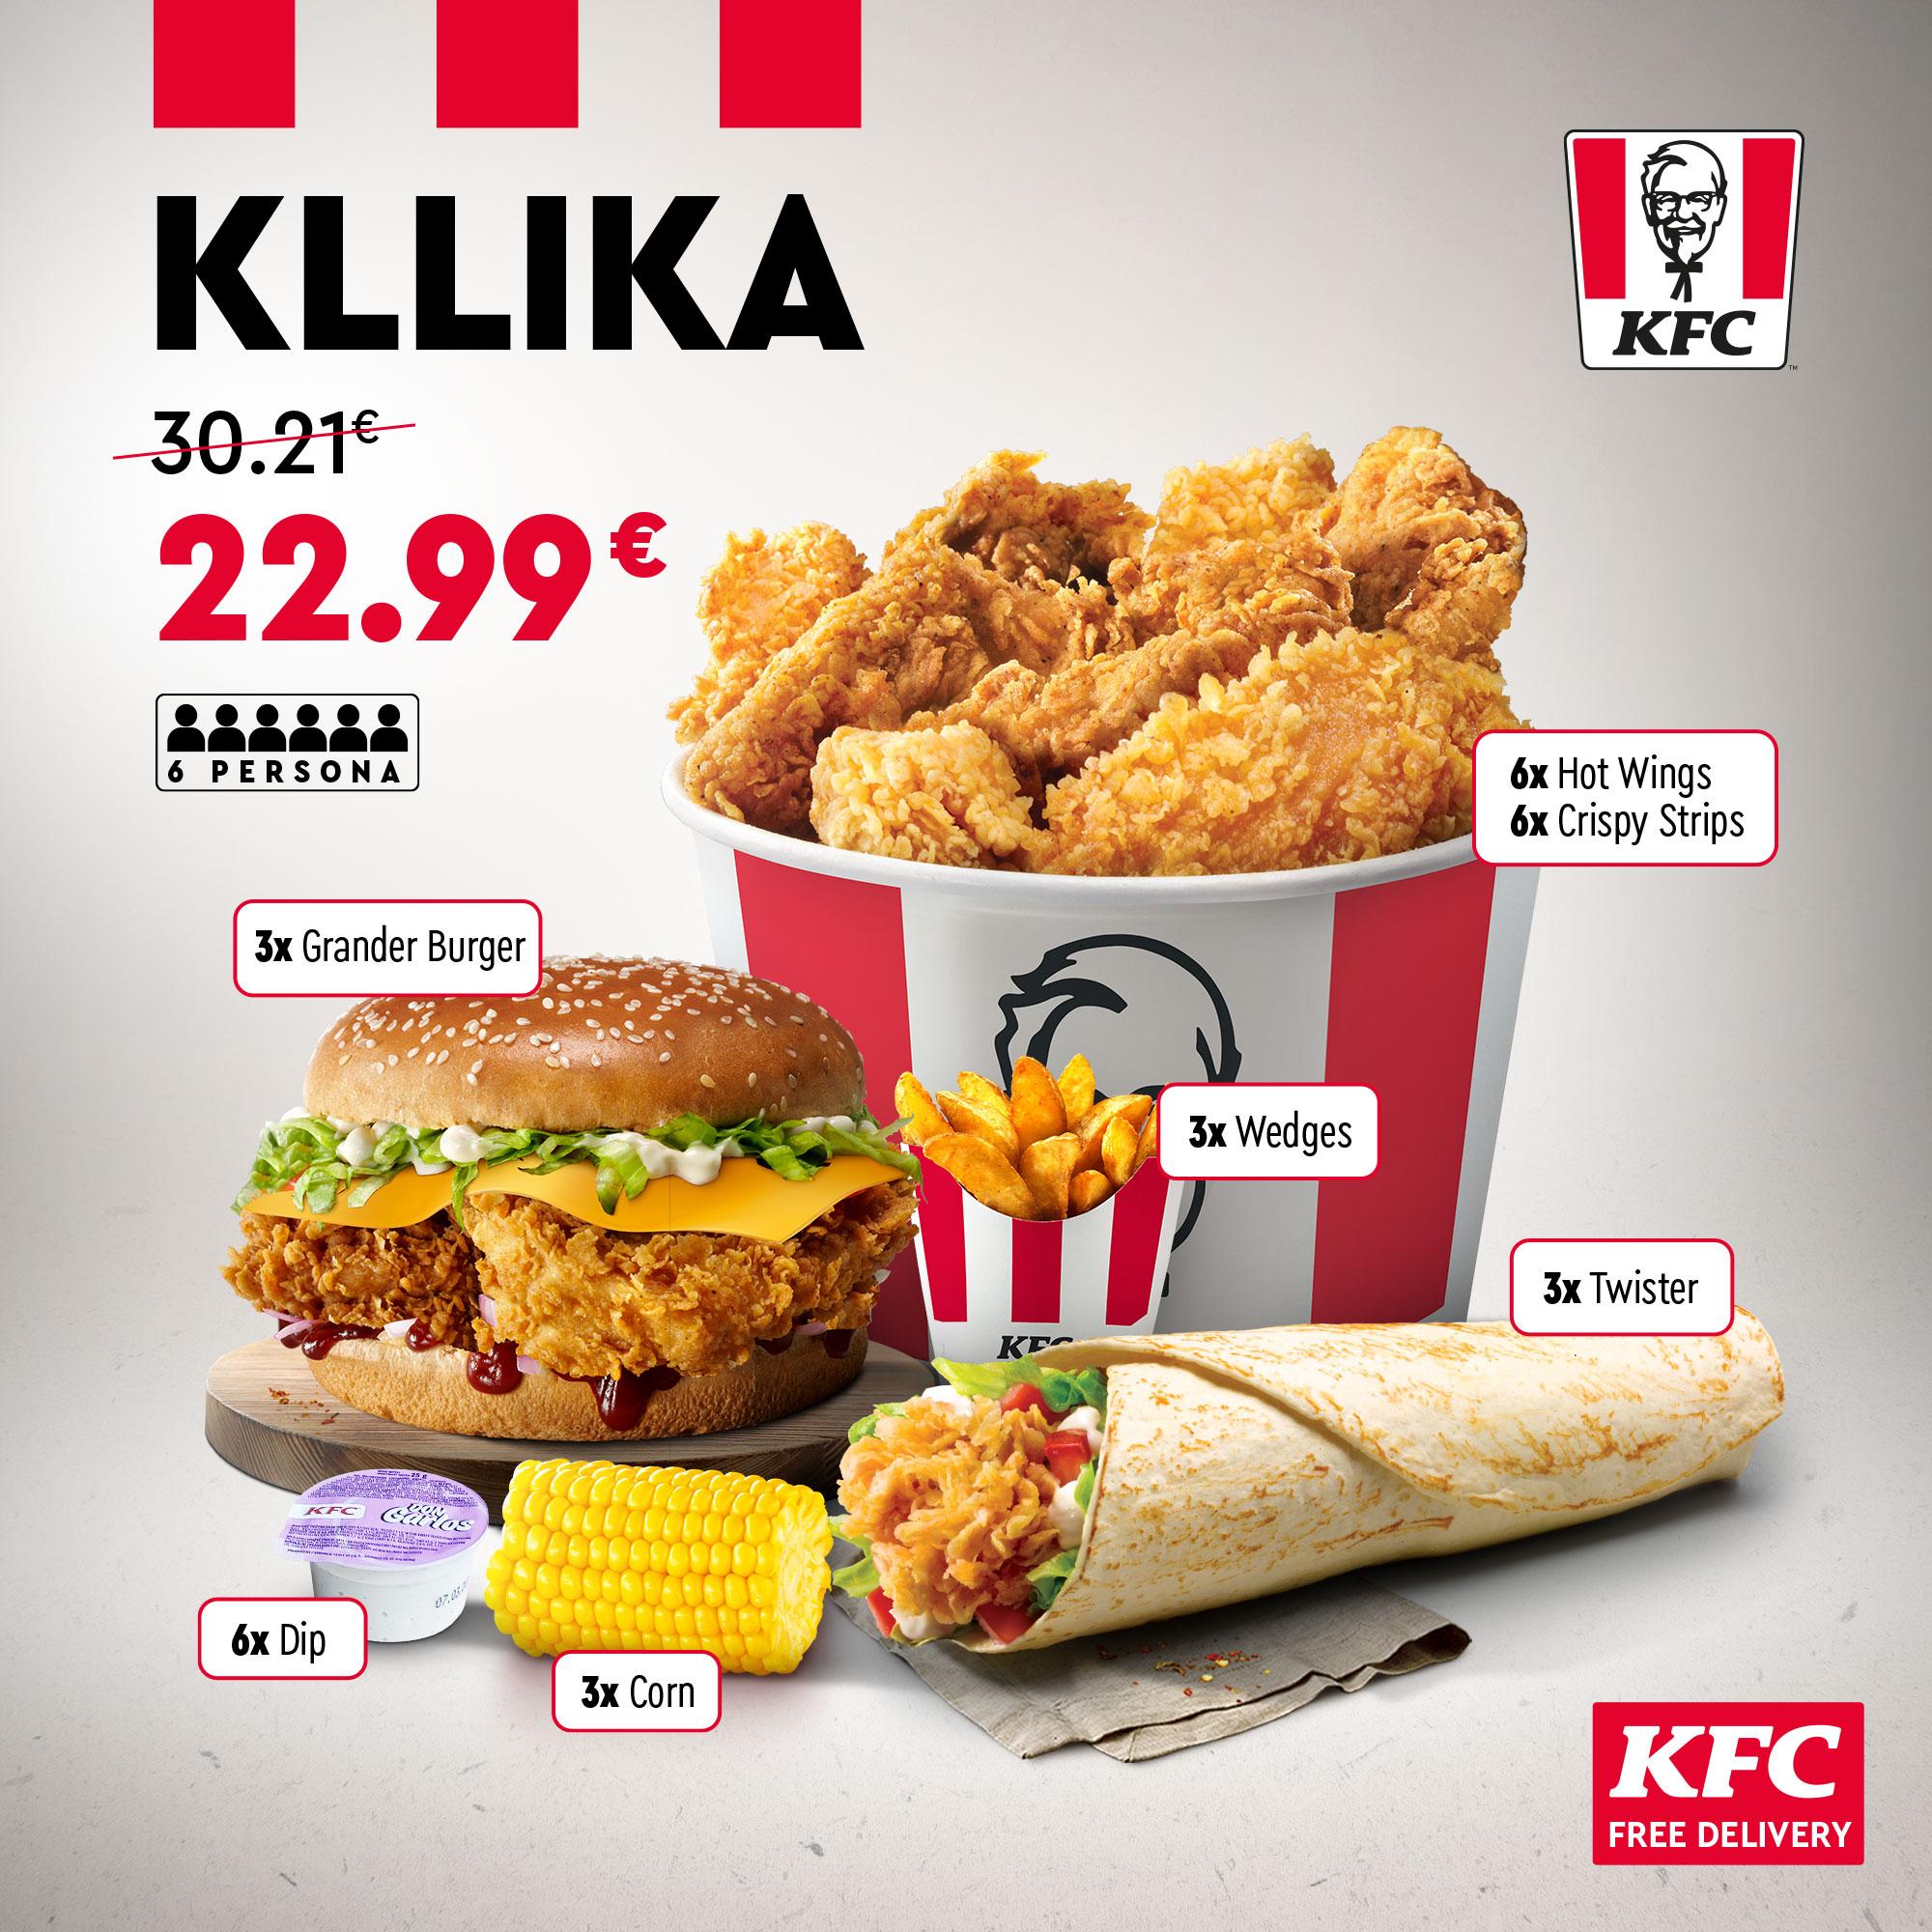 Kllika (1)